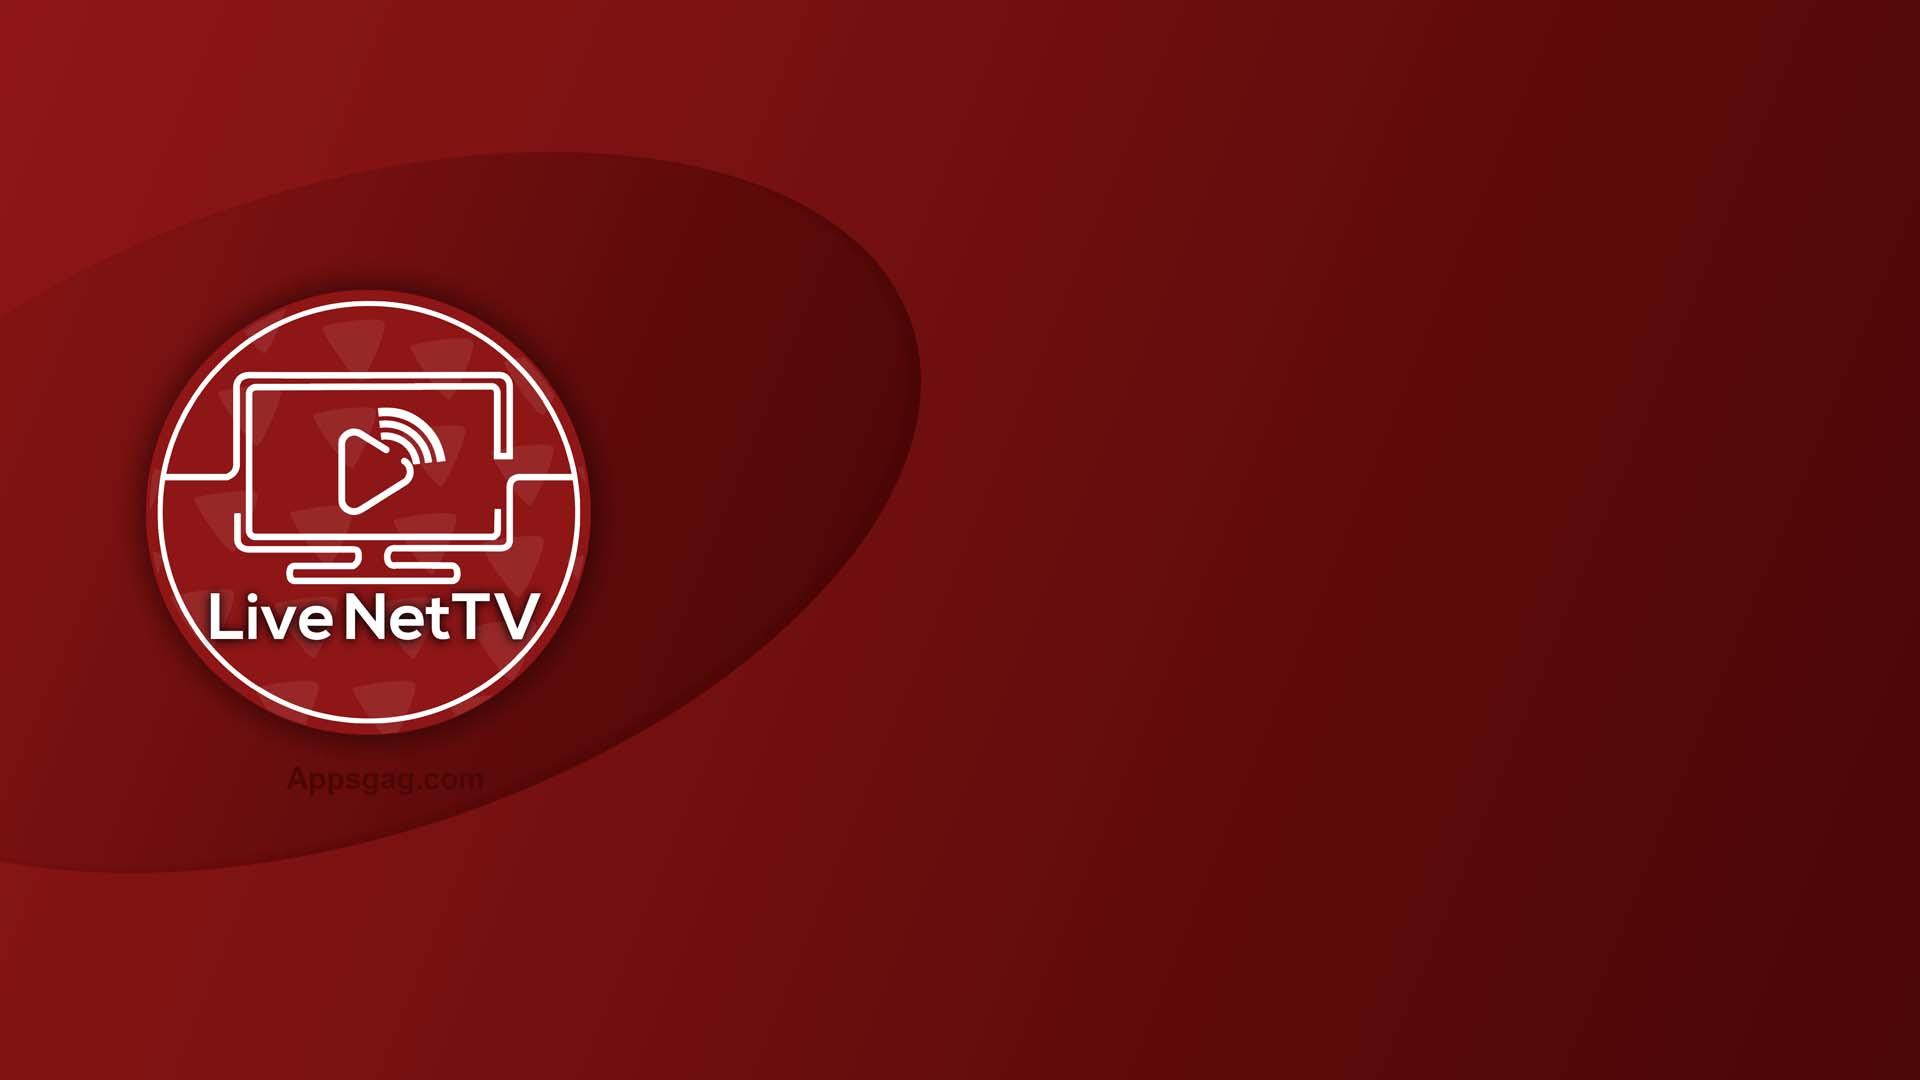 Live NetTV.jpg